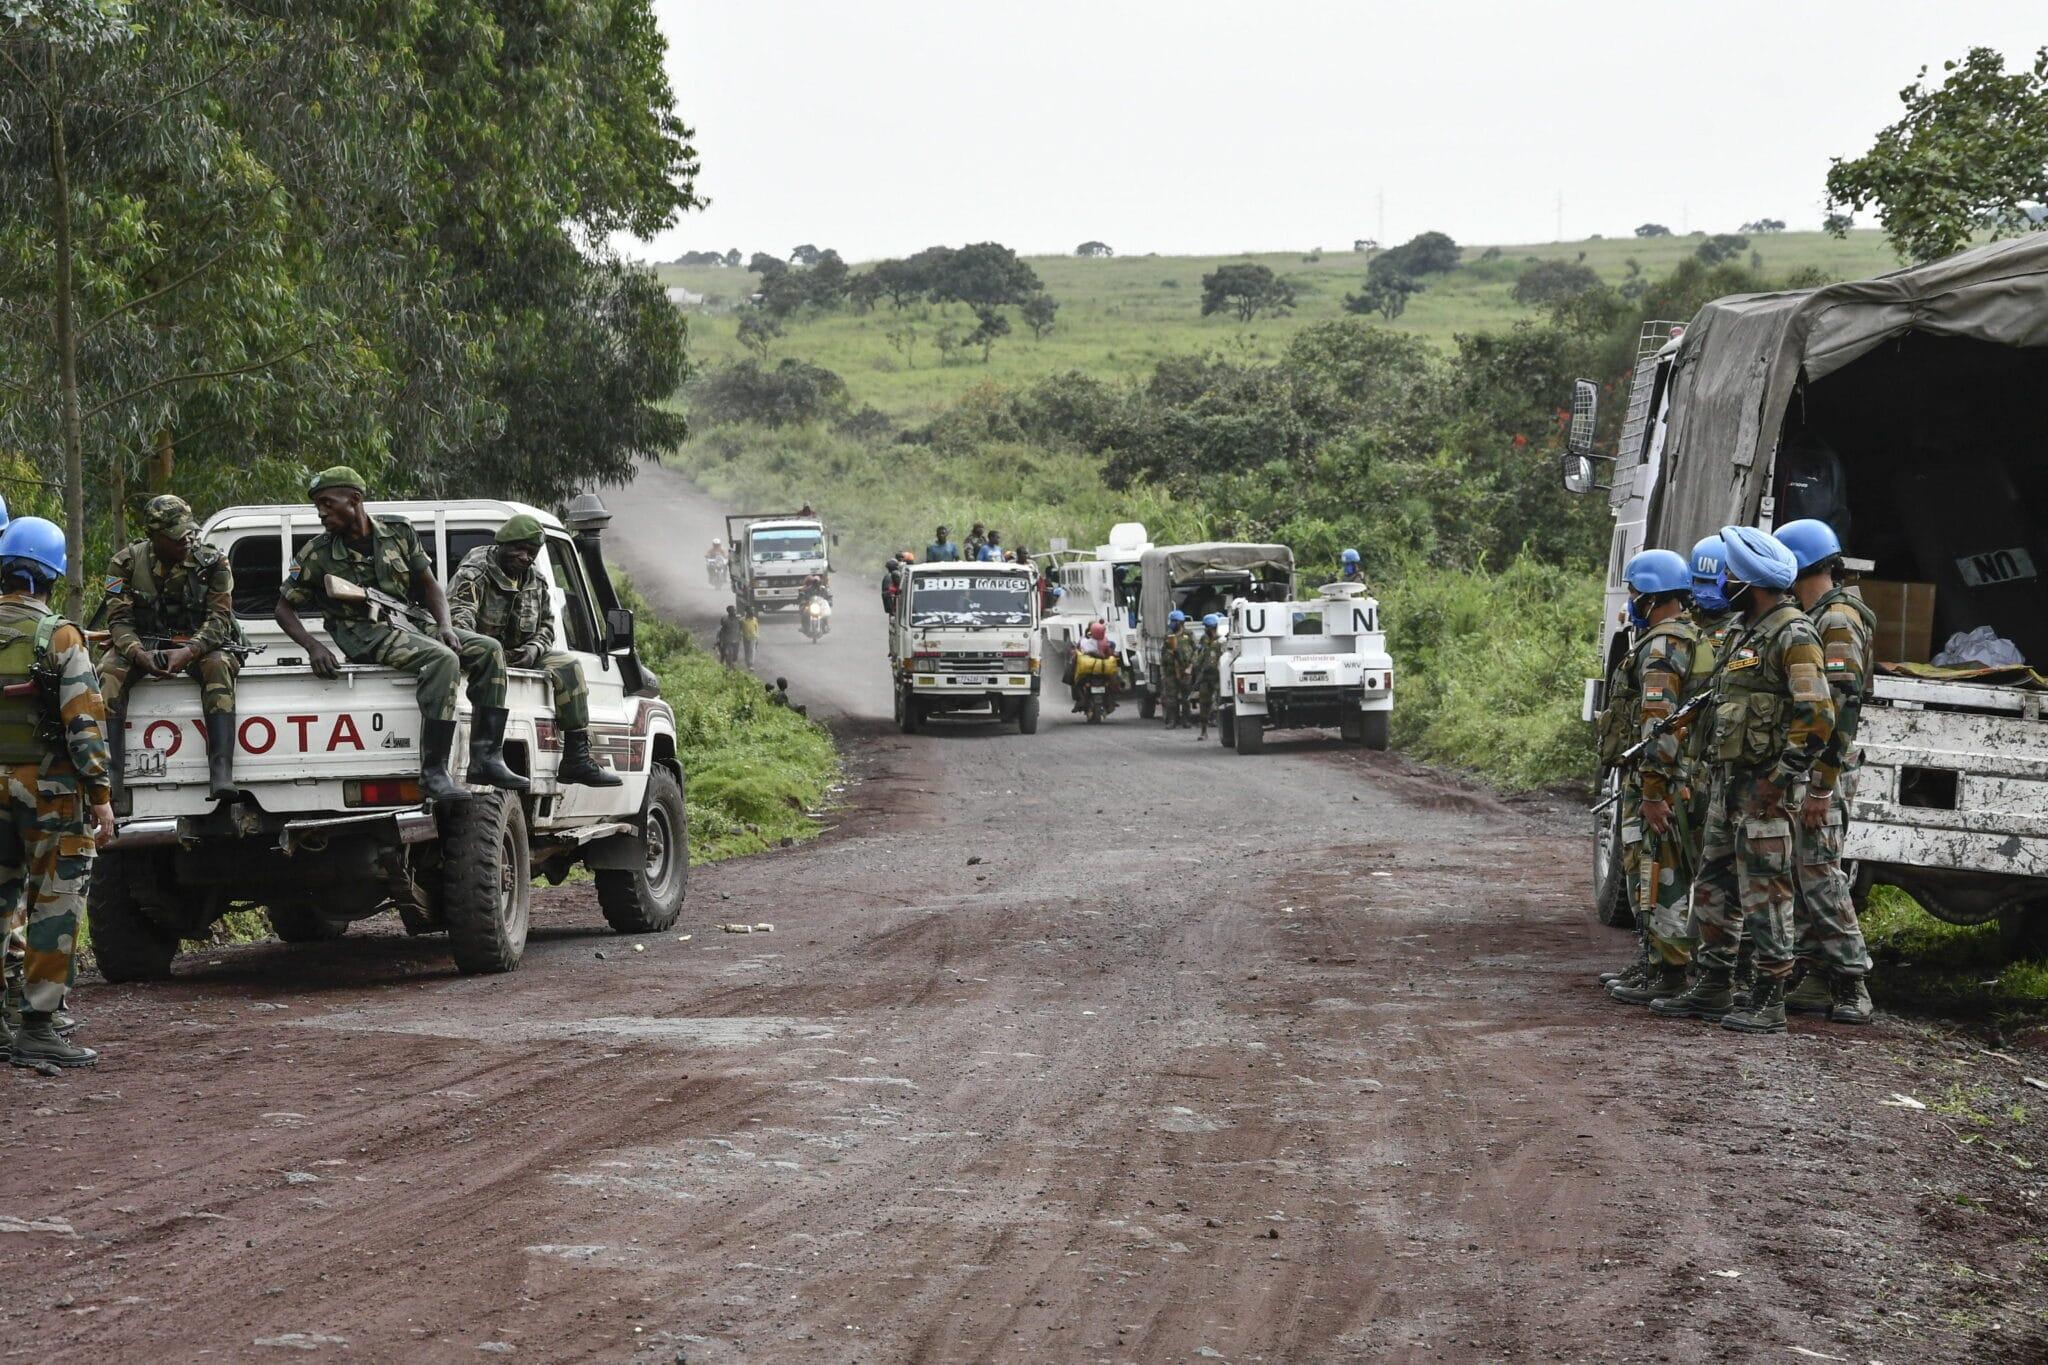 Agguato in Congo: la verità è lontana